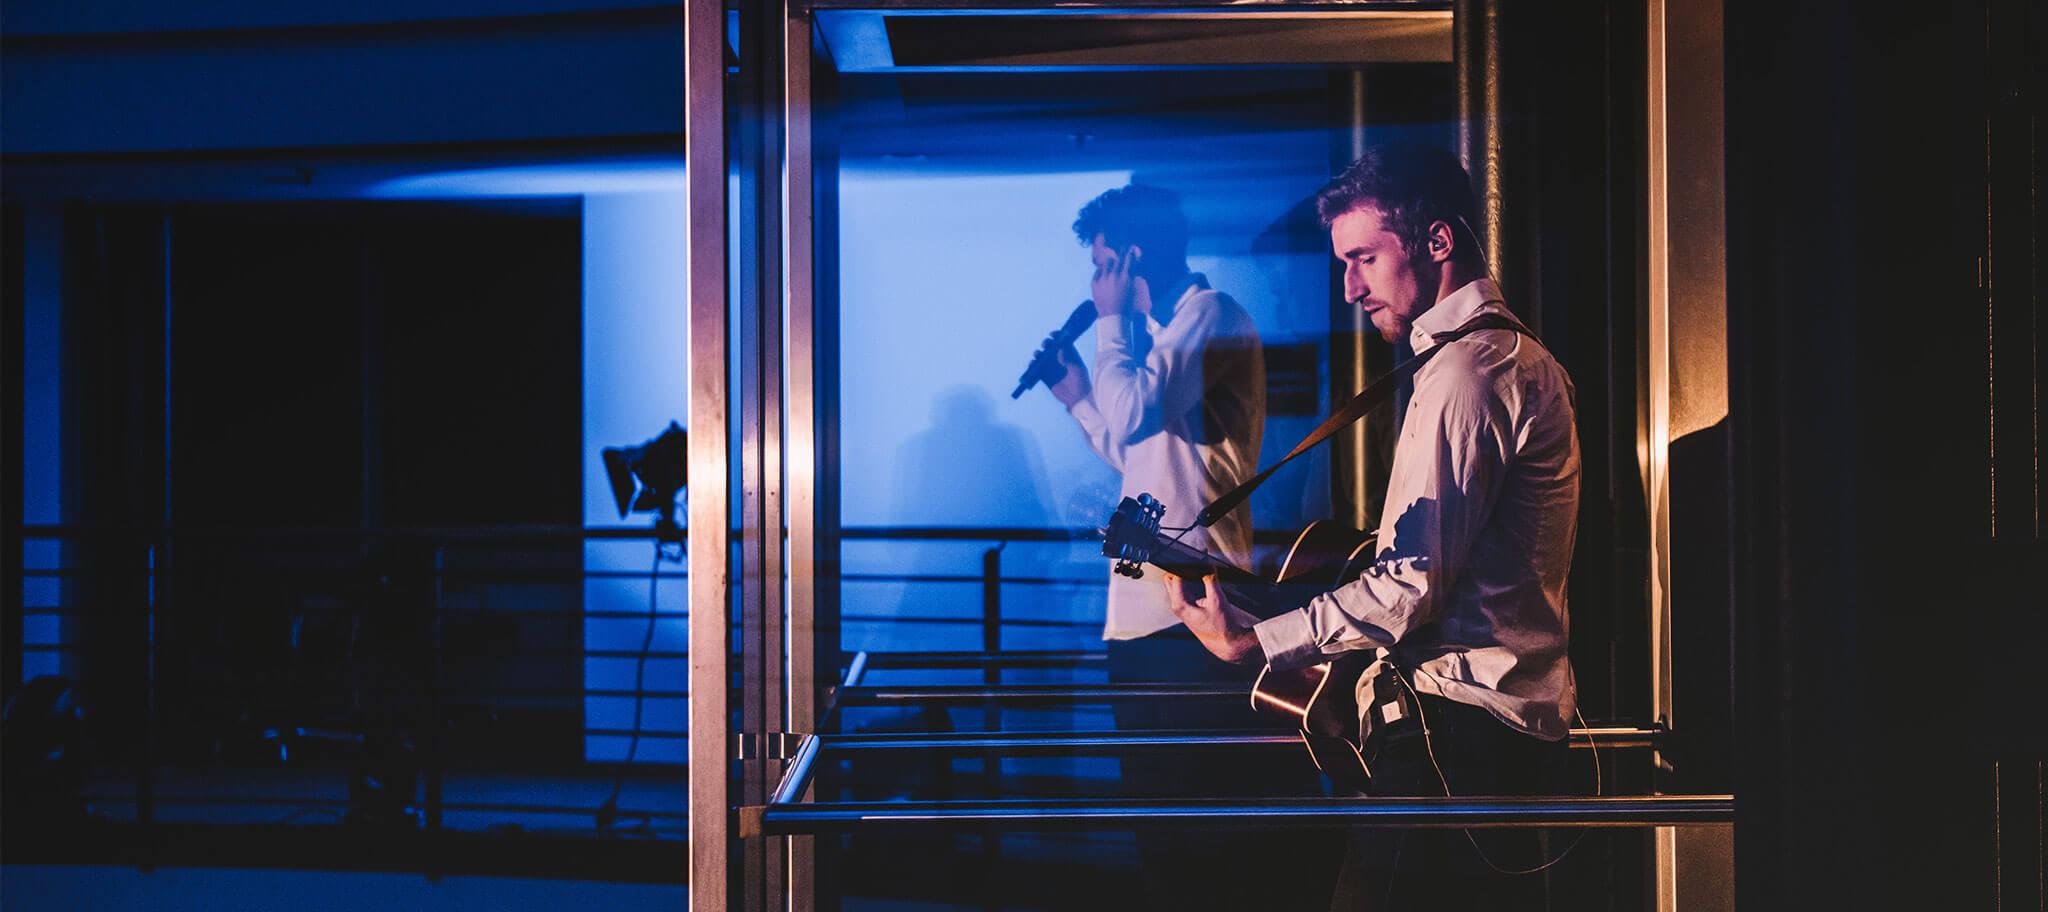 Abendveranstaltung mit Musikern im Glasfahrstuhl